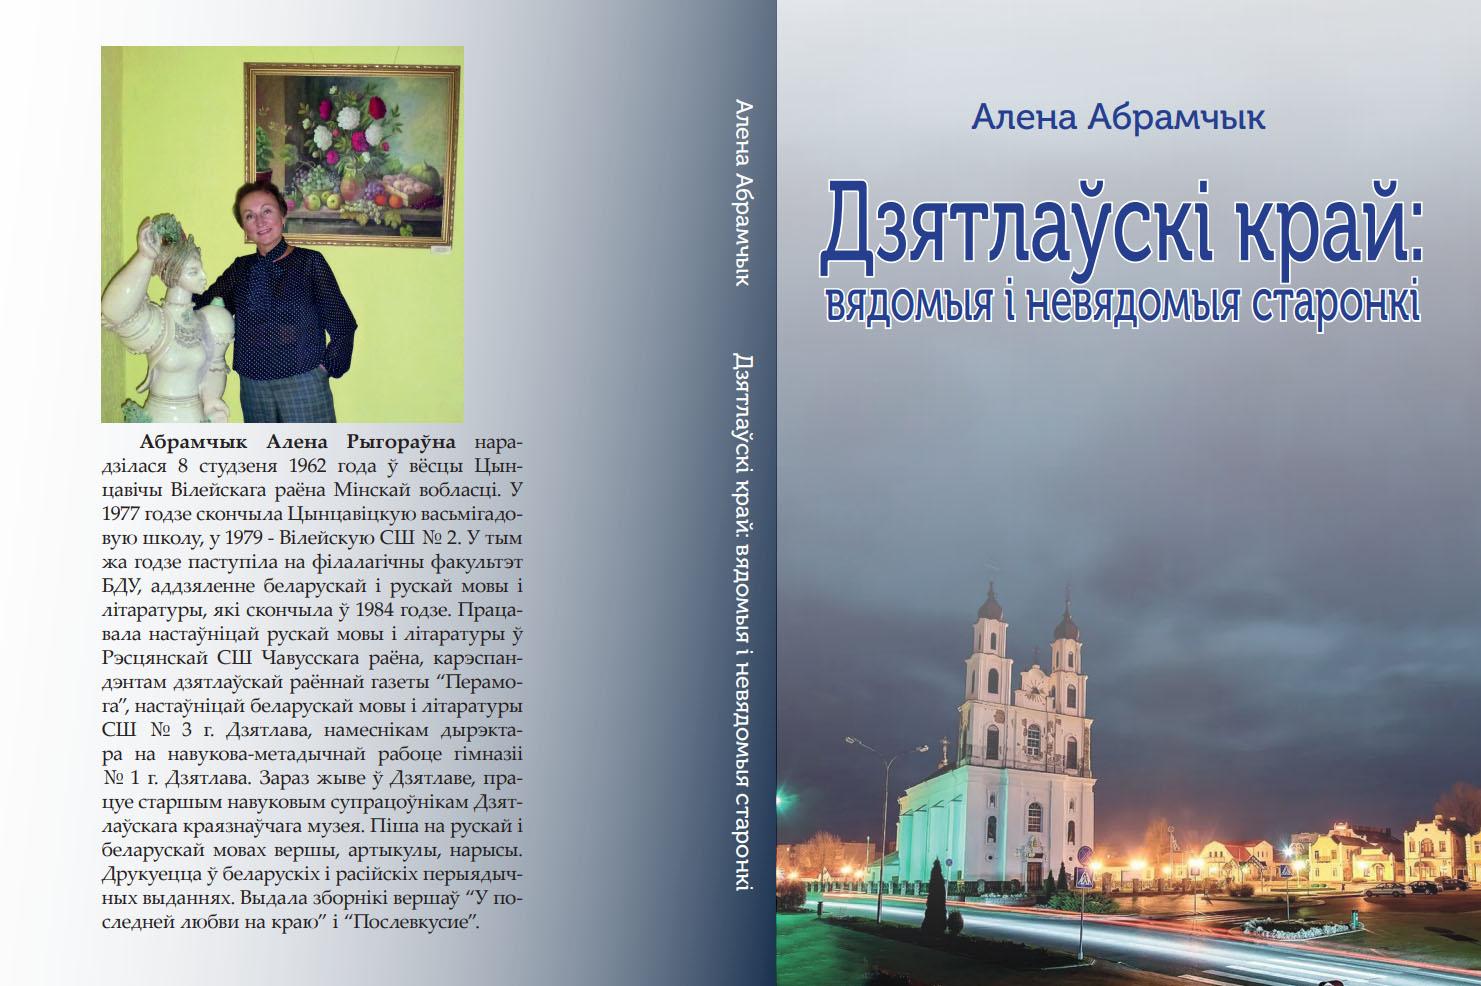 Алена Абрамчык, «Дзятлаўскi край: вядомыя і невядомыя старонкi»